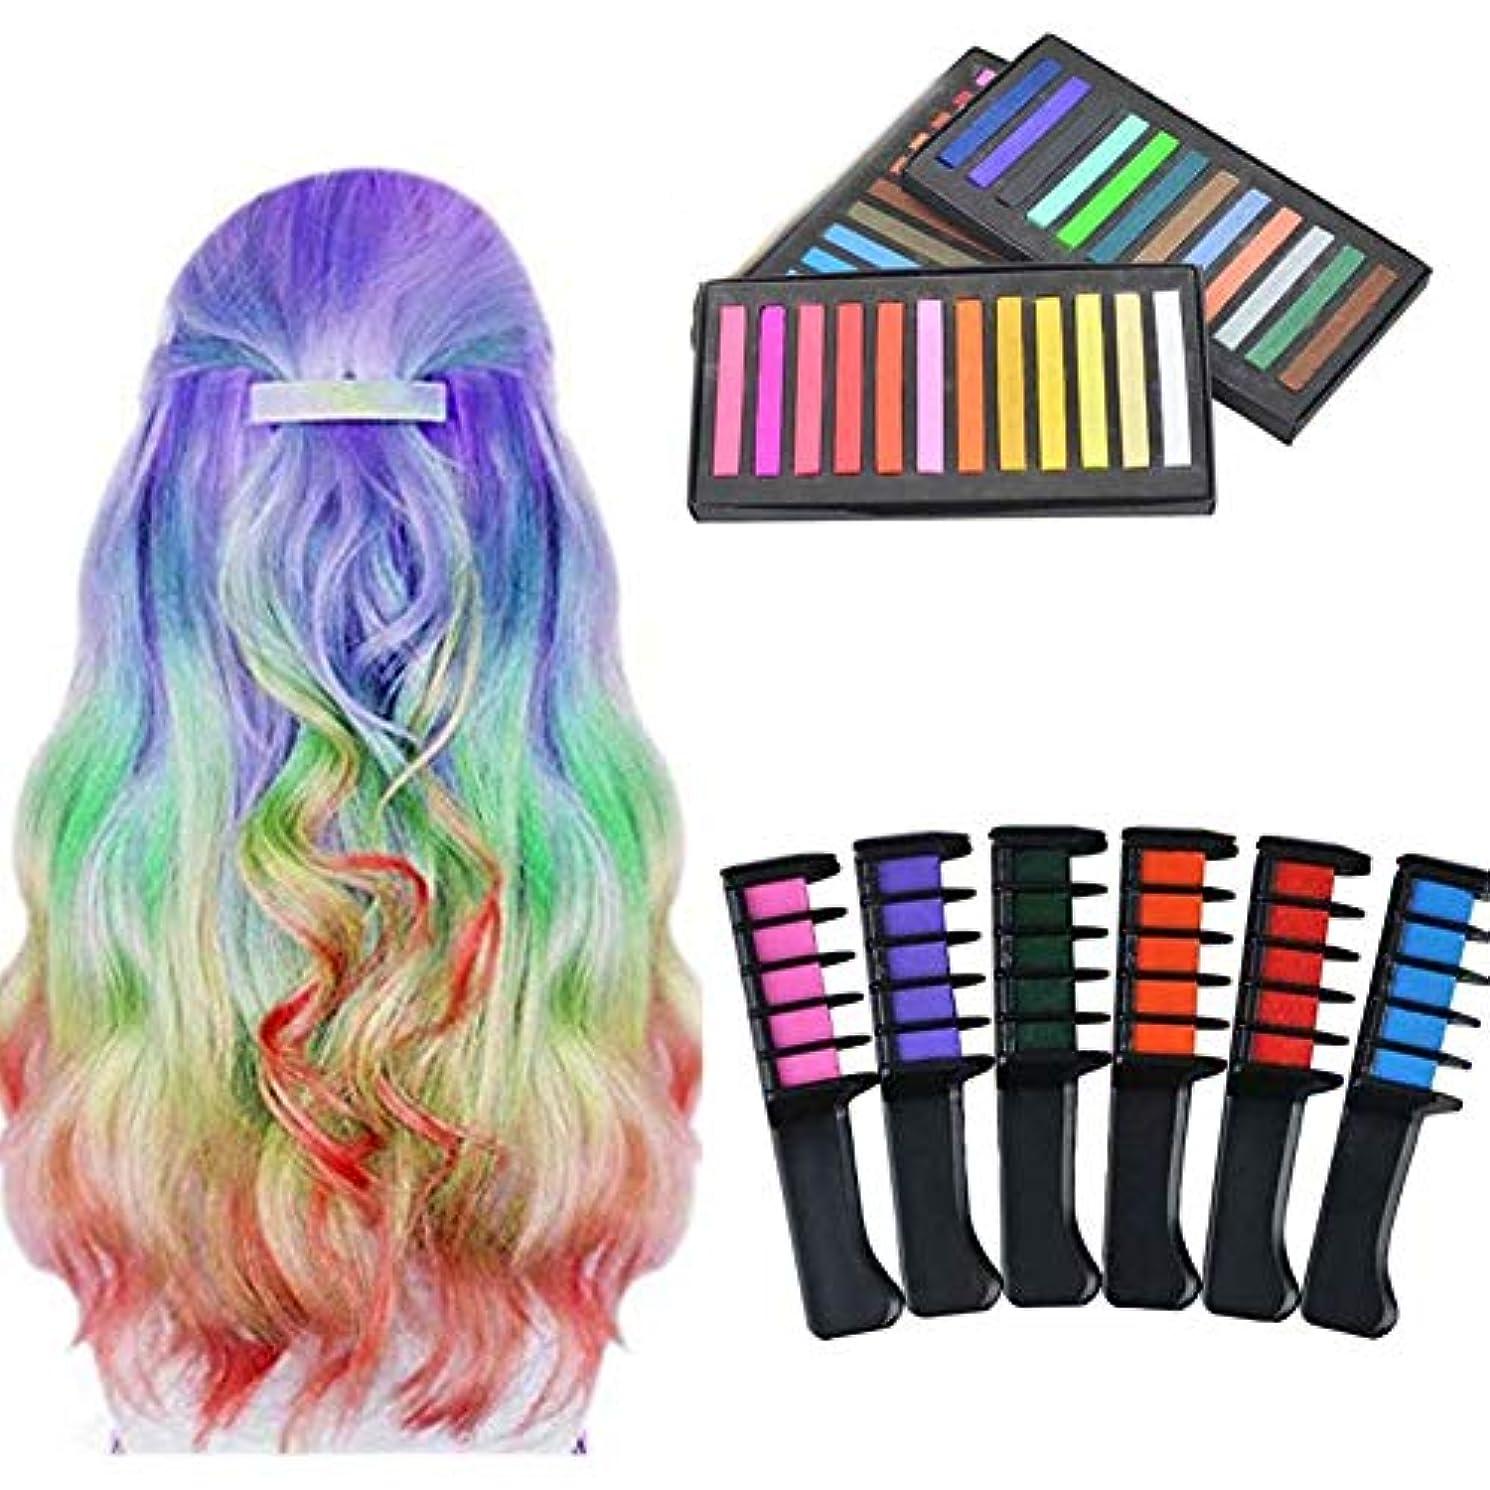 異なるしおれた銀行キッズパーティー洗える髪染めペットキット(6色+ 36色ヘアスティック)のための髪染料チョーク櫛一時的な色